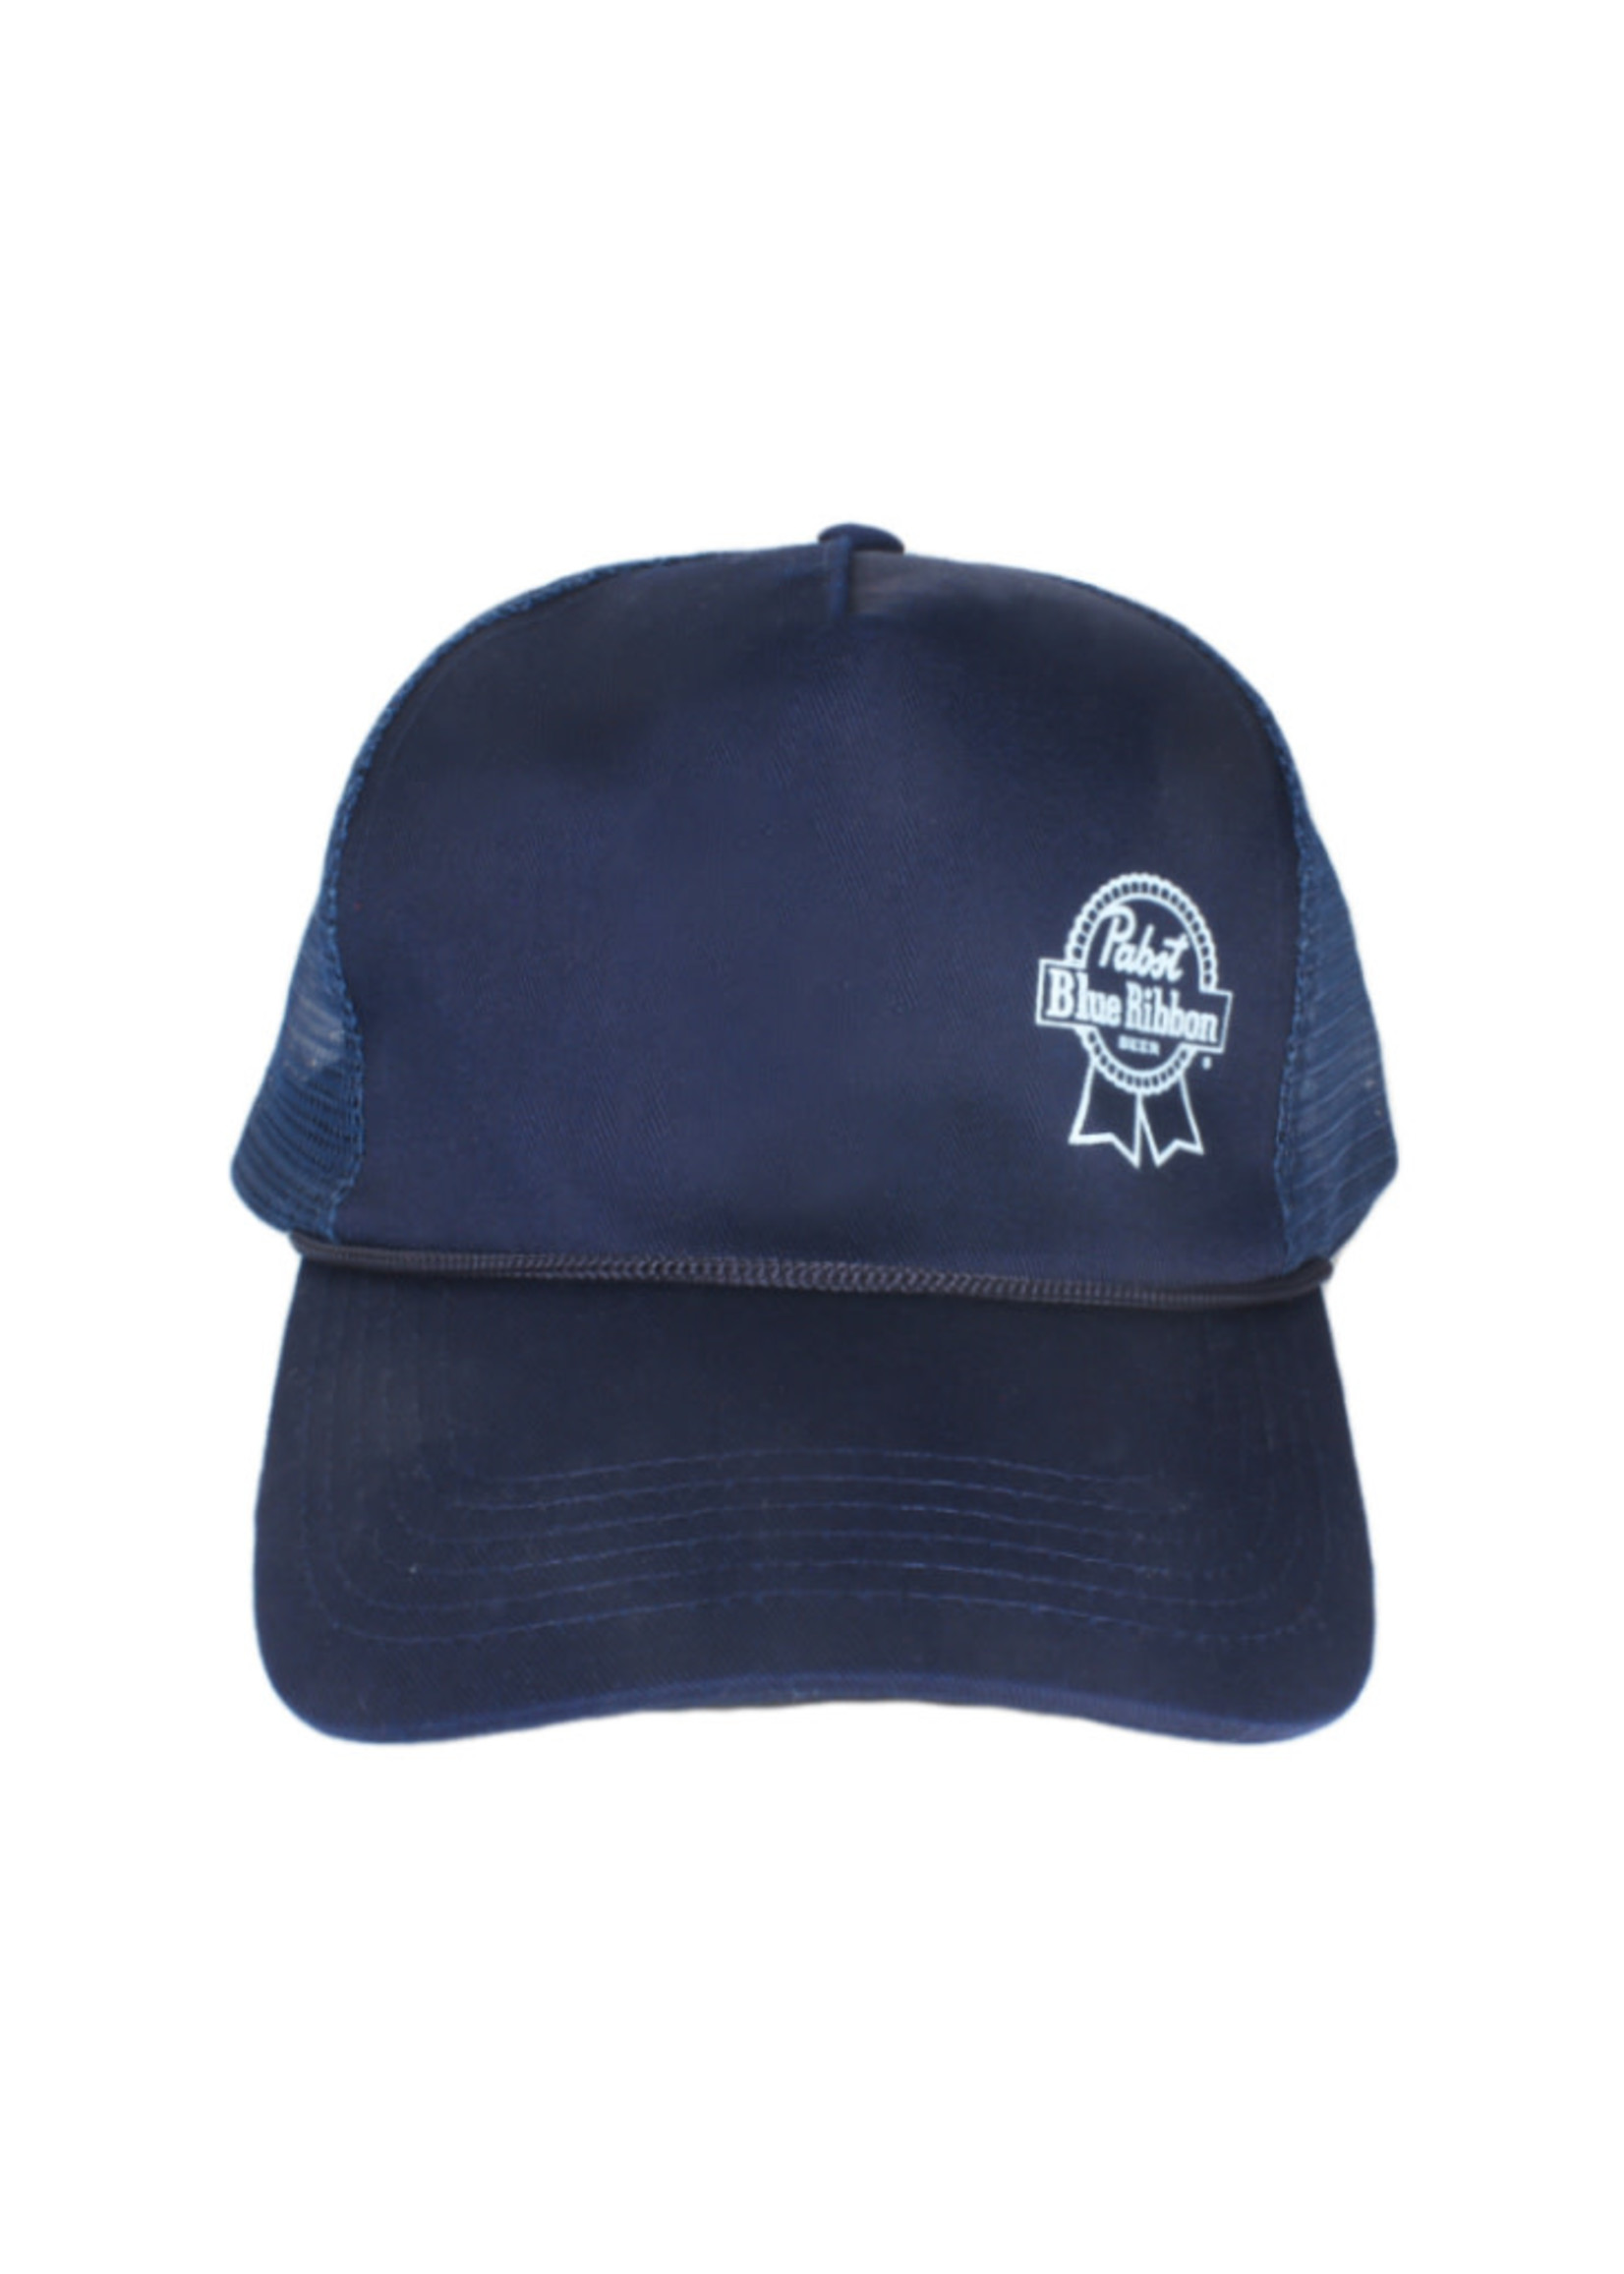 Pabst Pabst Navy Mesh Trucker Hat